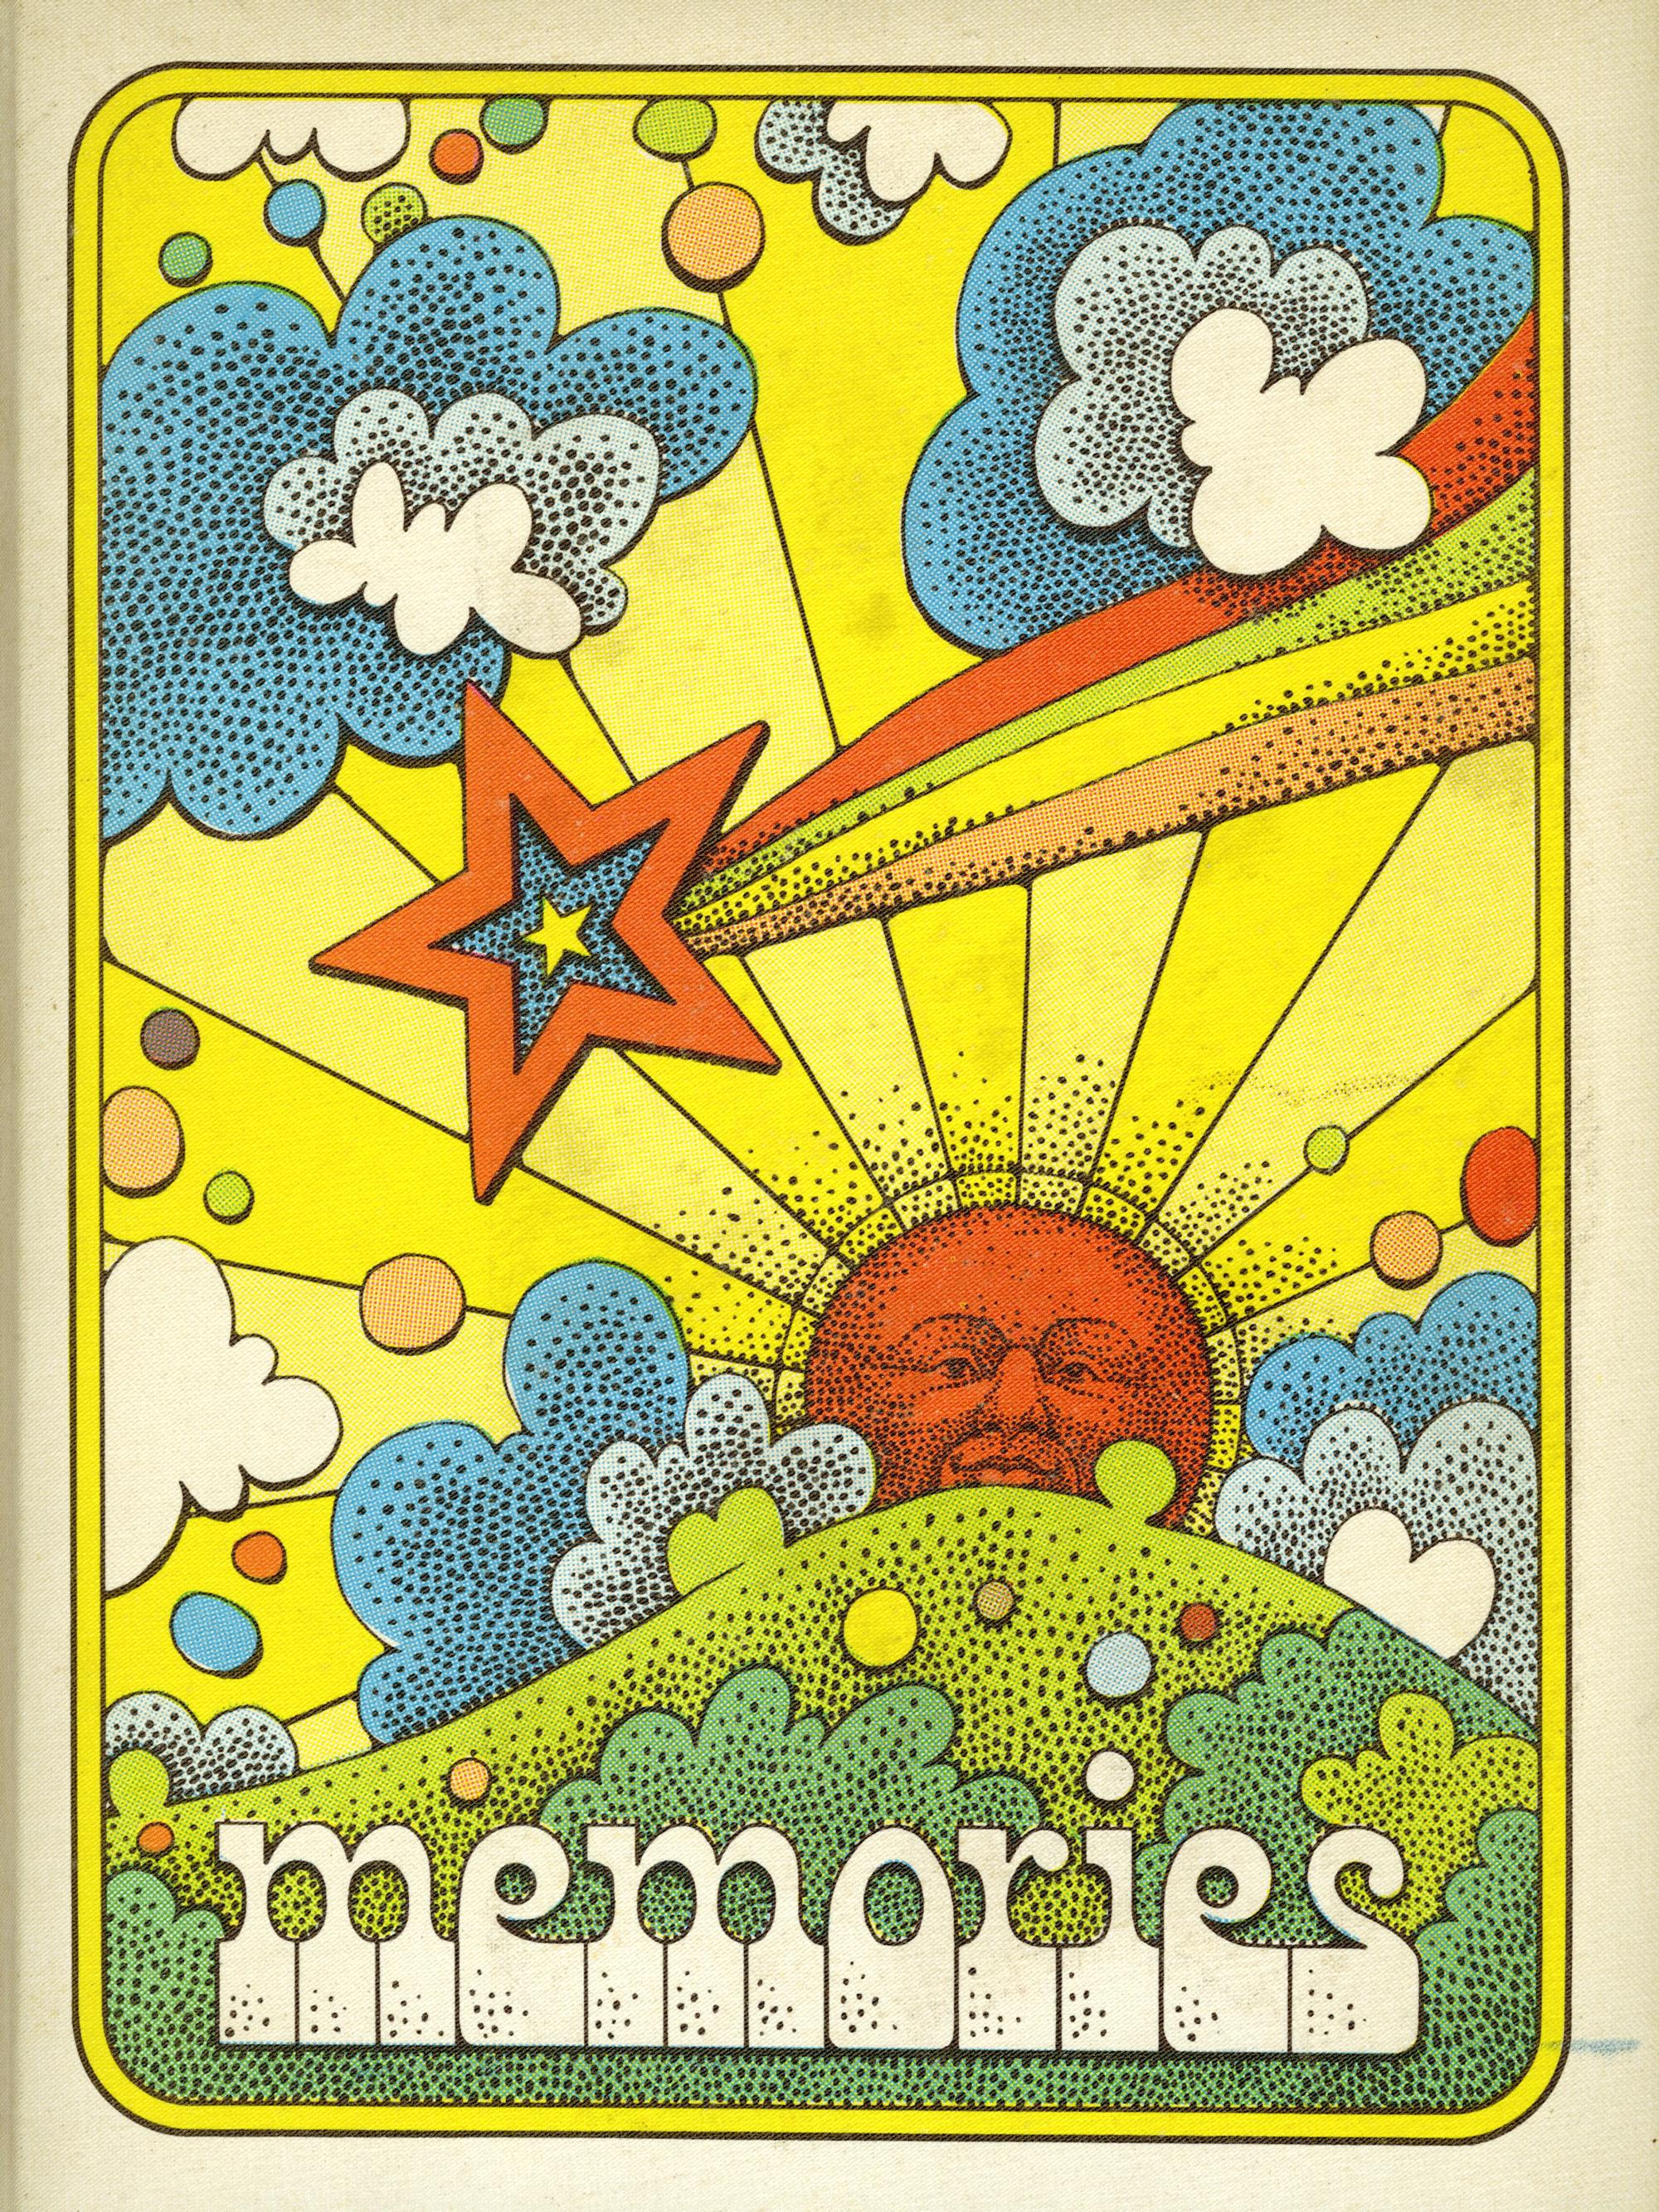 memories_37065307830_o.png